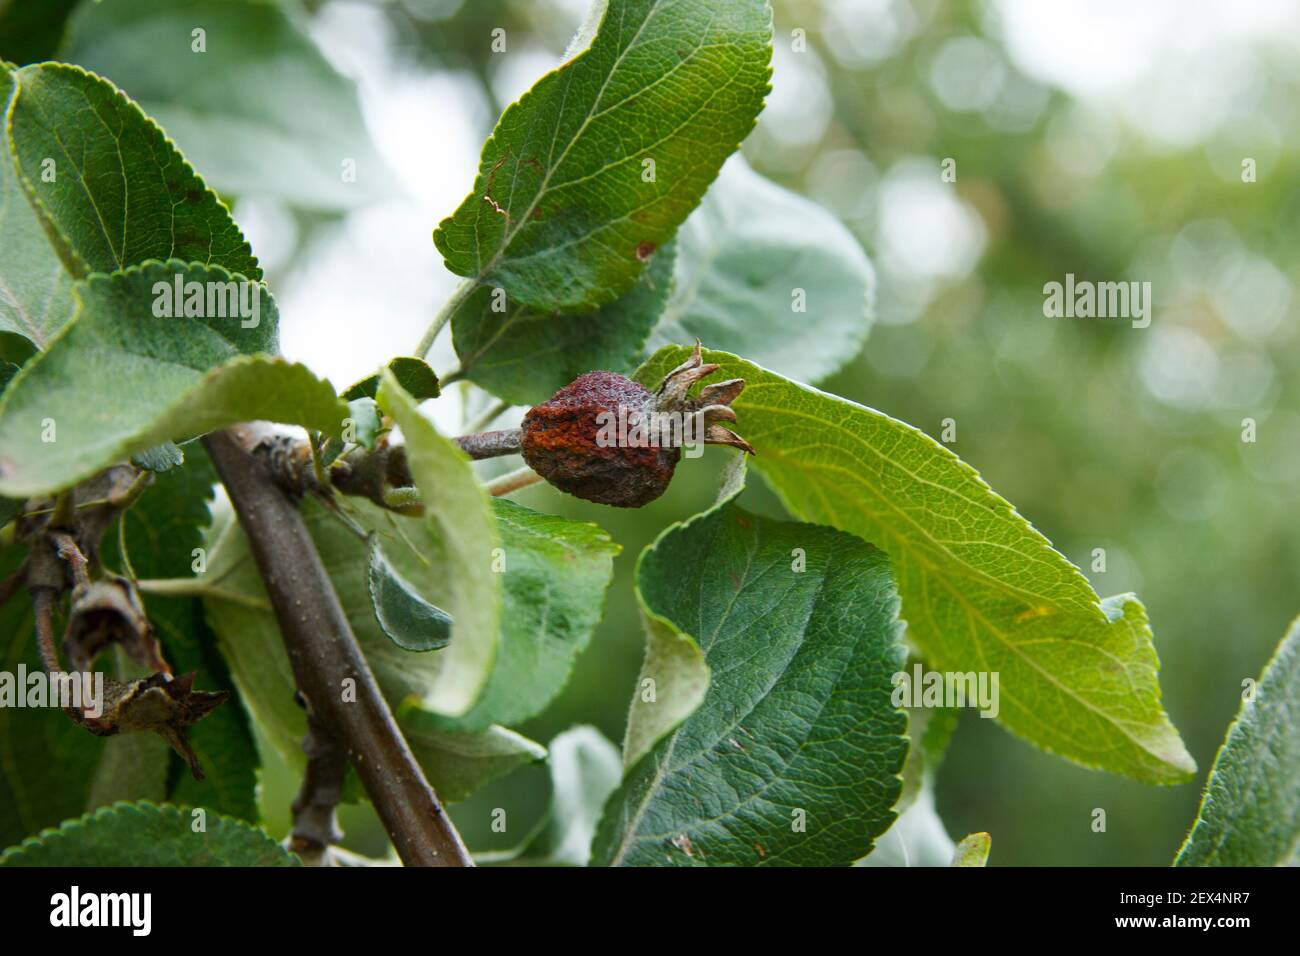 Enfermedades del manzano. Ovario de manzana muerto en la rama. Antracnosis en las hojas. Problemas agrícolas. Enfermedad de la huerta Foto de stock